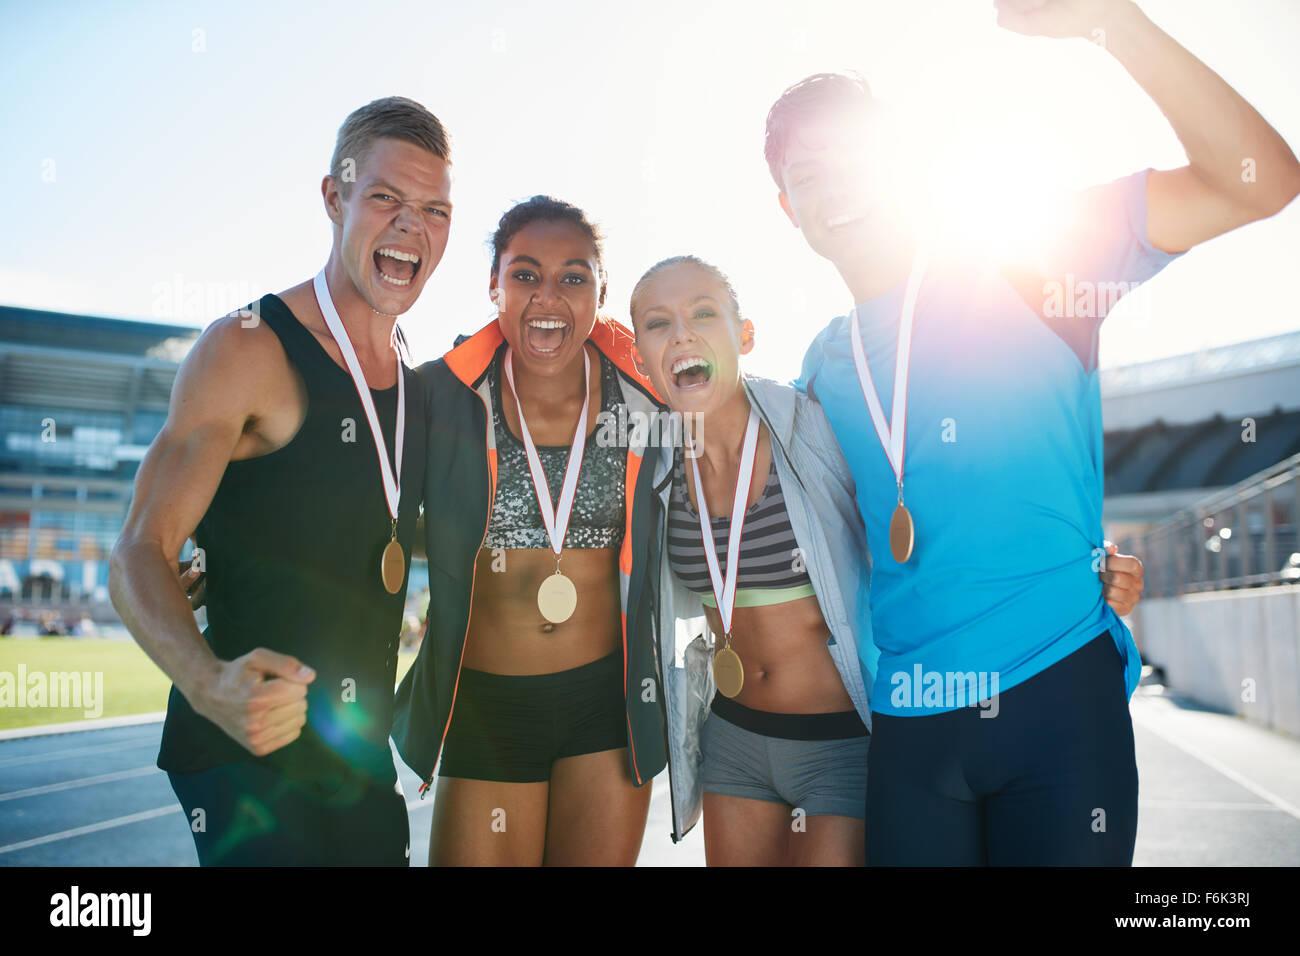 Ritratto di giovane estatica corridori con medaglie per celebrare il successo in Athletics Stadium. Giovani uomini Immagini Stock